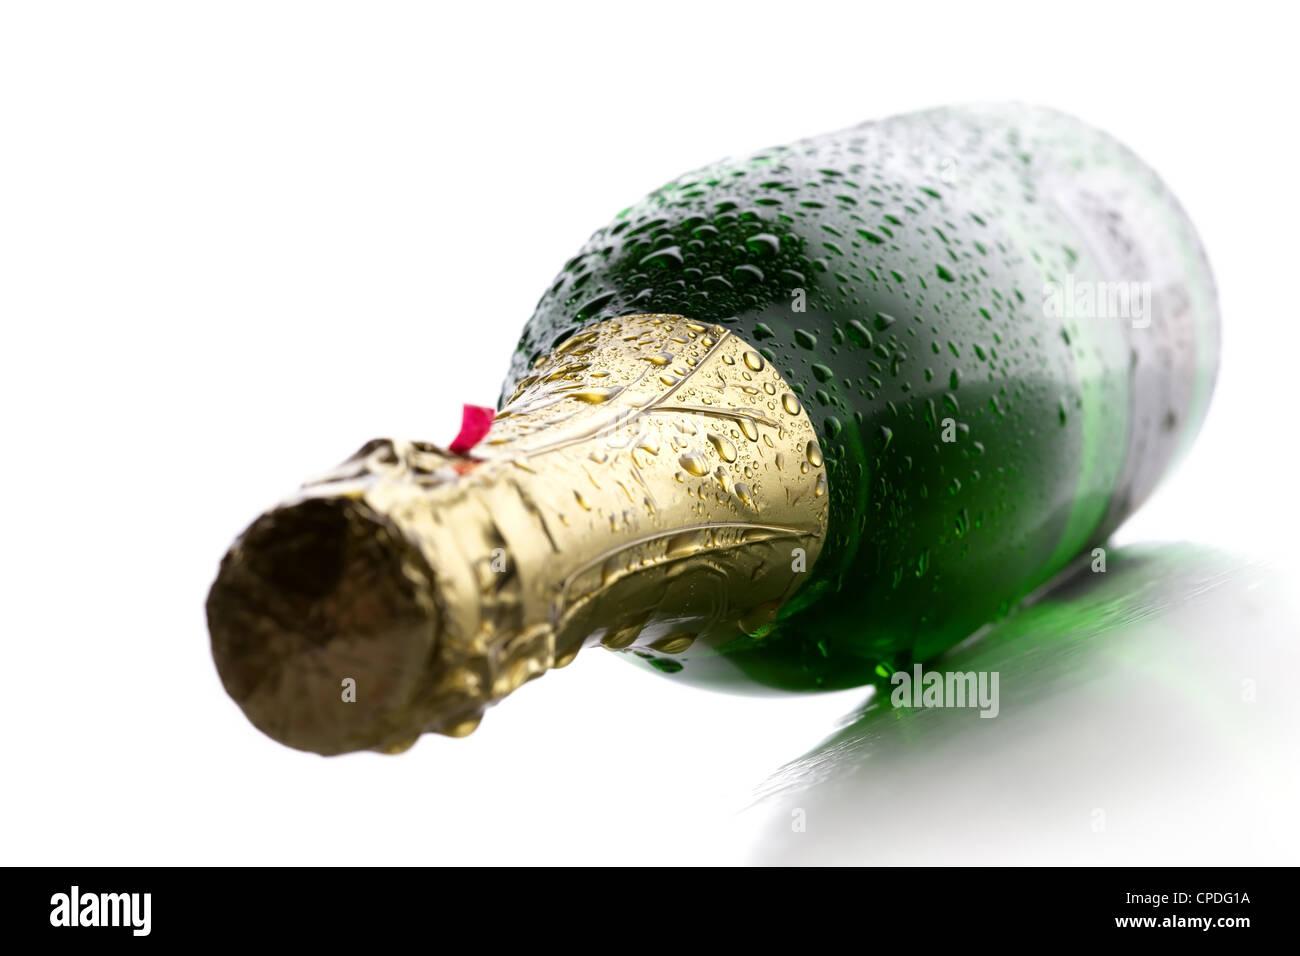 Freddo umido bottiglia di champagne vino su sfondo bianco Immagini Stock